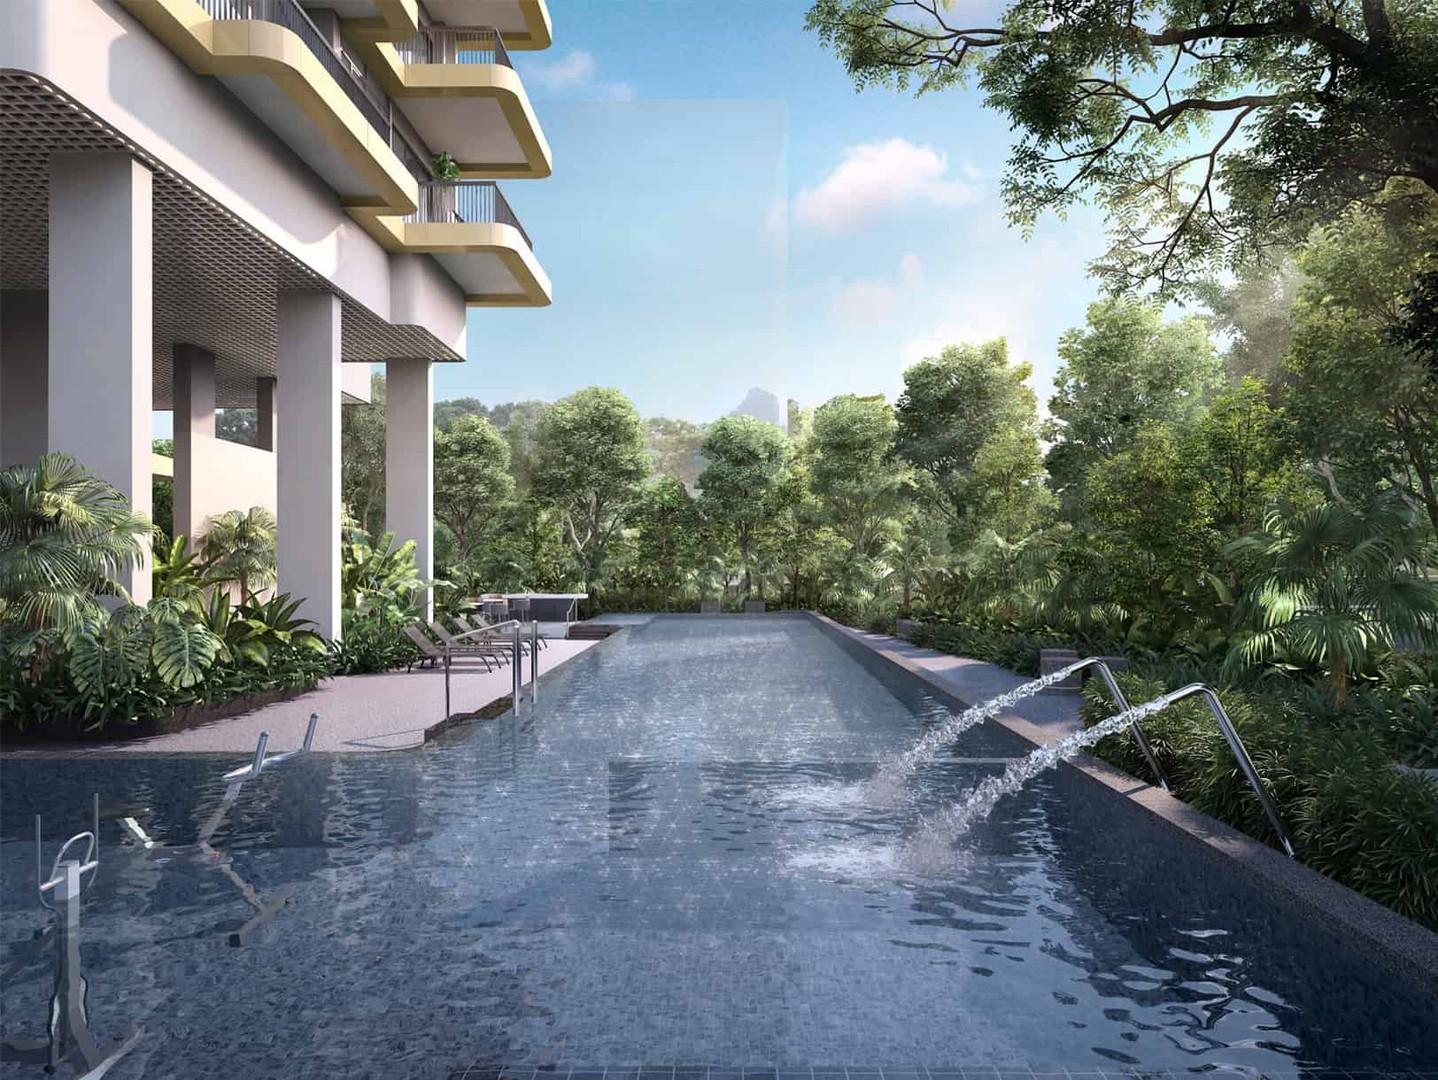 Myra at Potong Pasir Lap pool.jpg